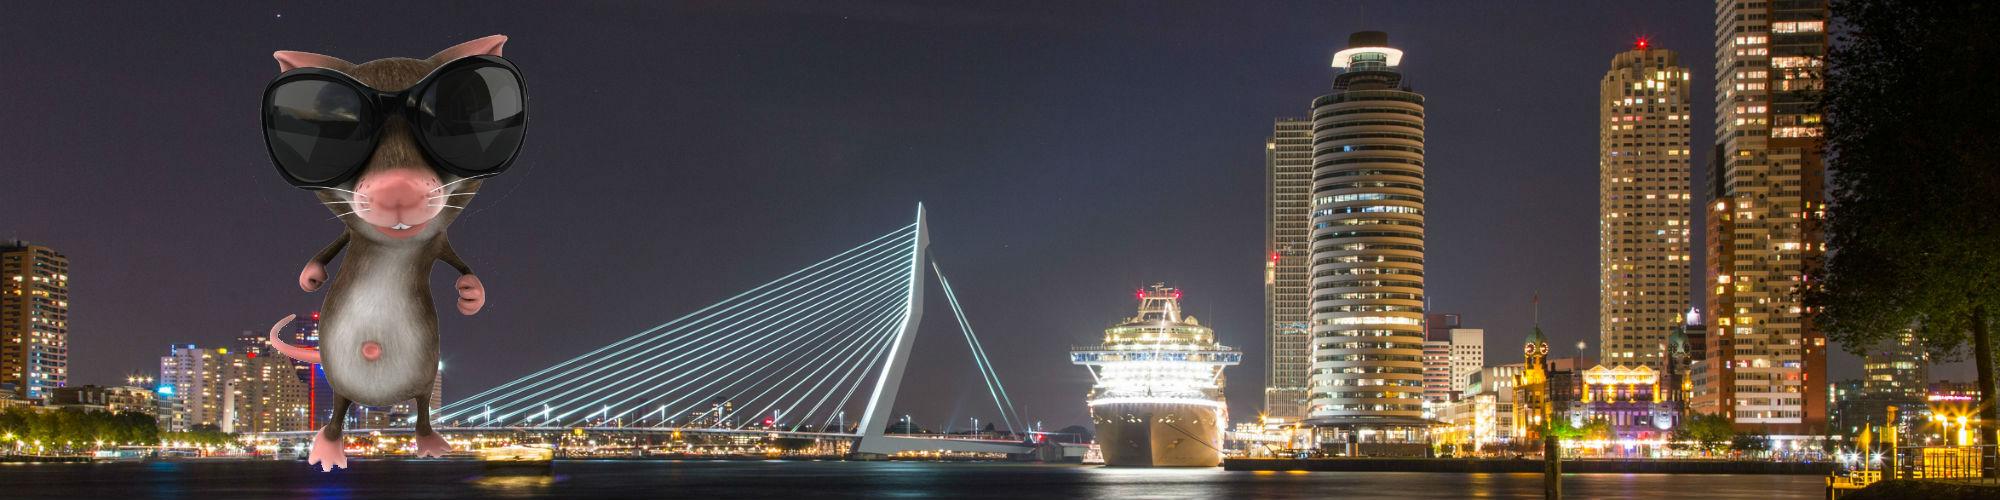 Rotterdam-bedrijfsuitjes-personeelsuitjes-wie-is-de-rat-2